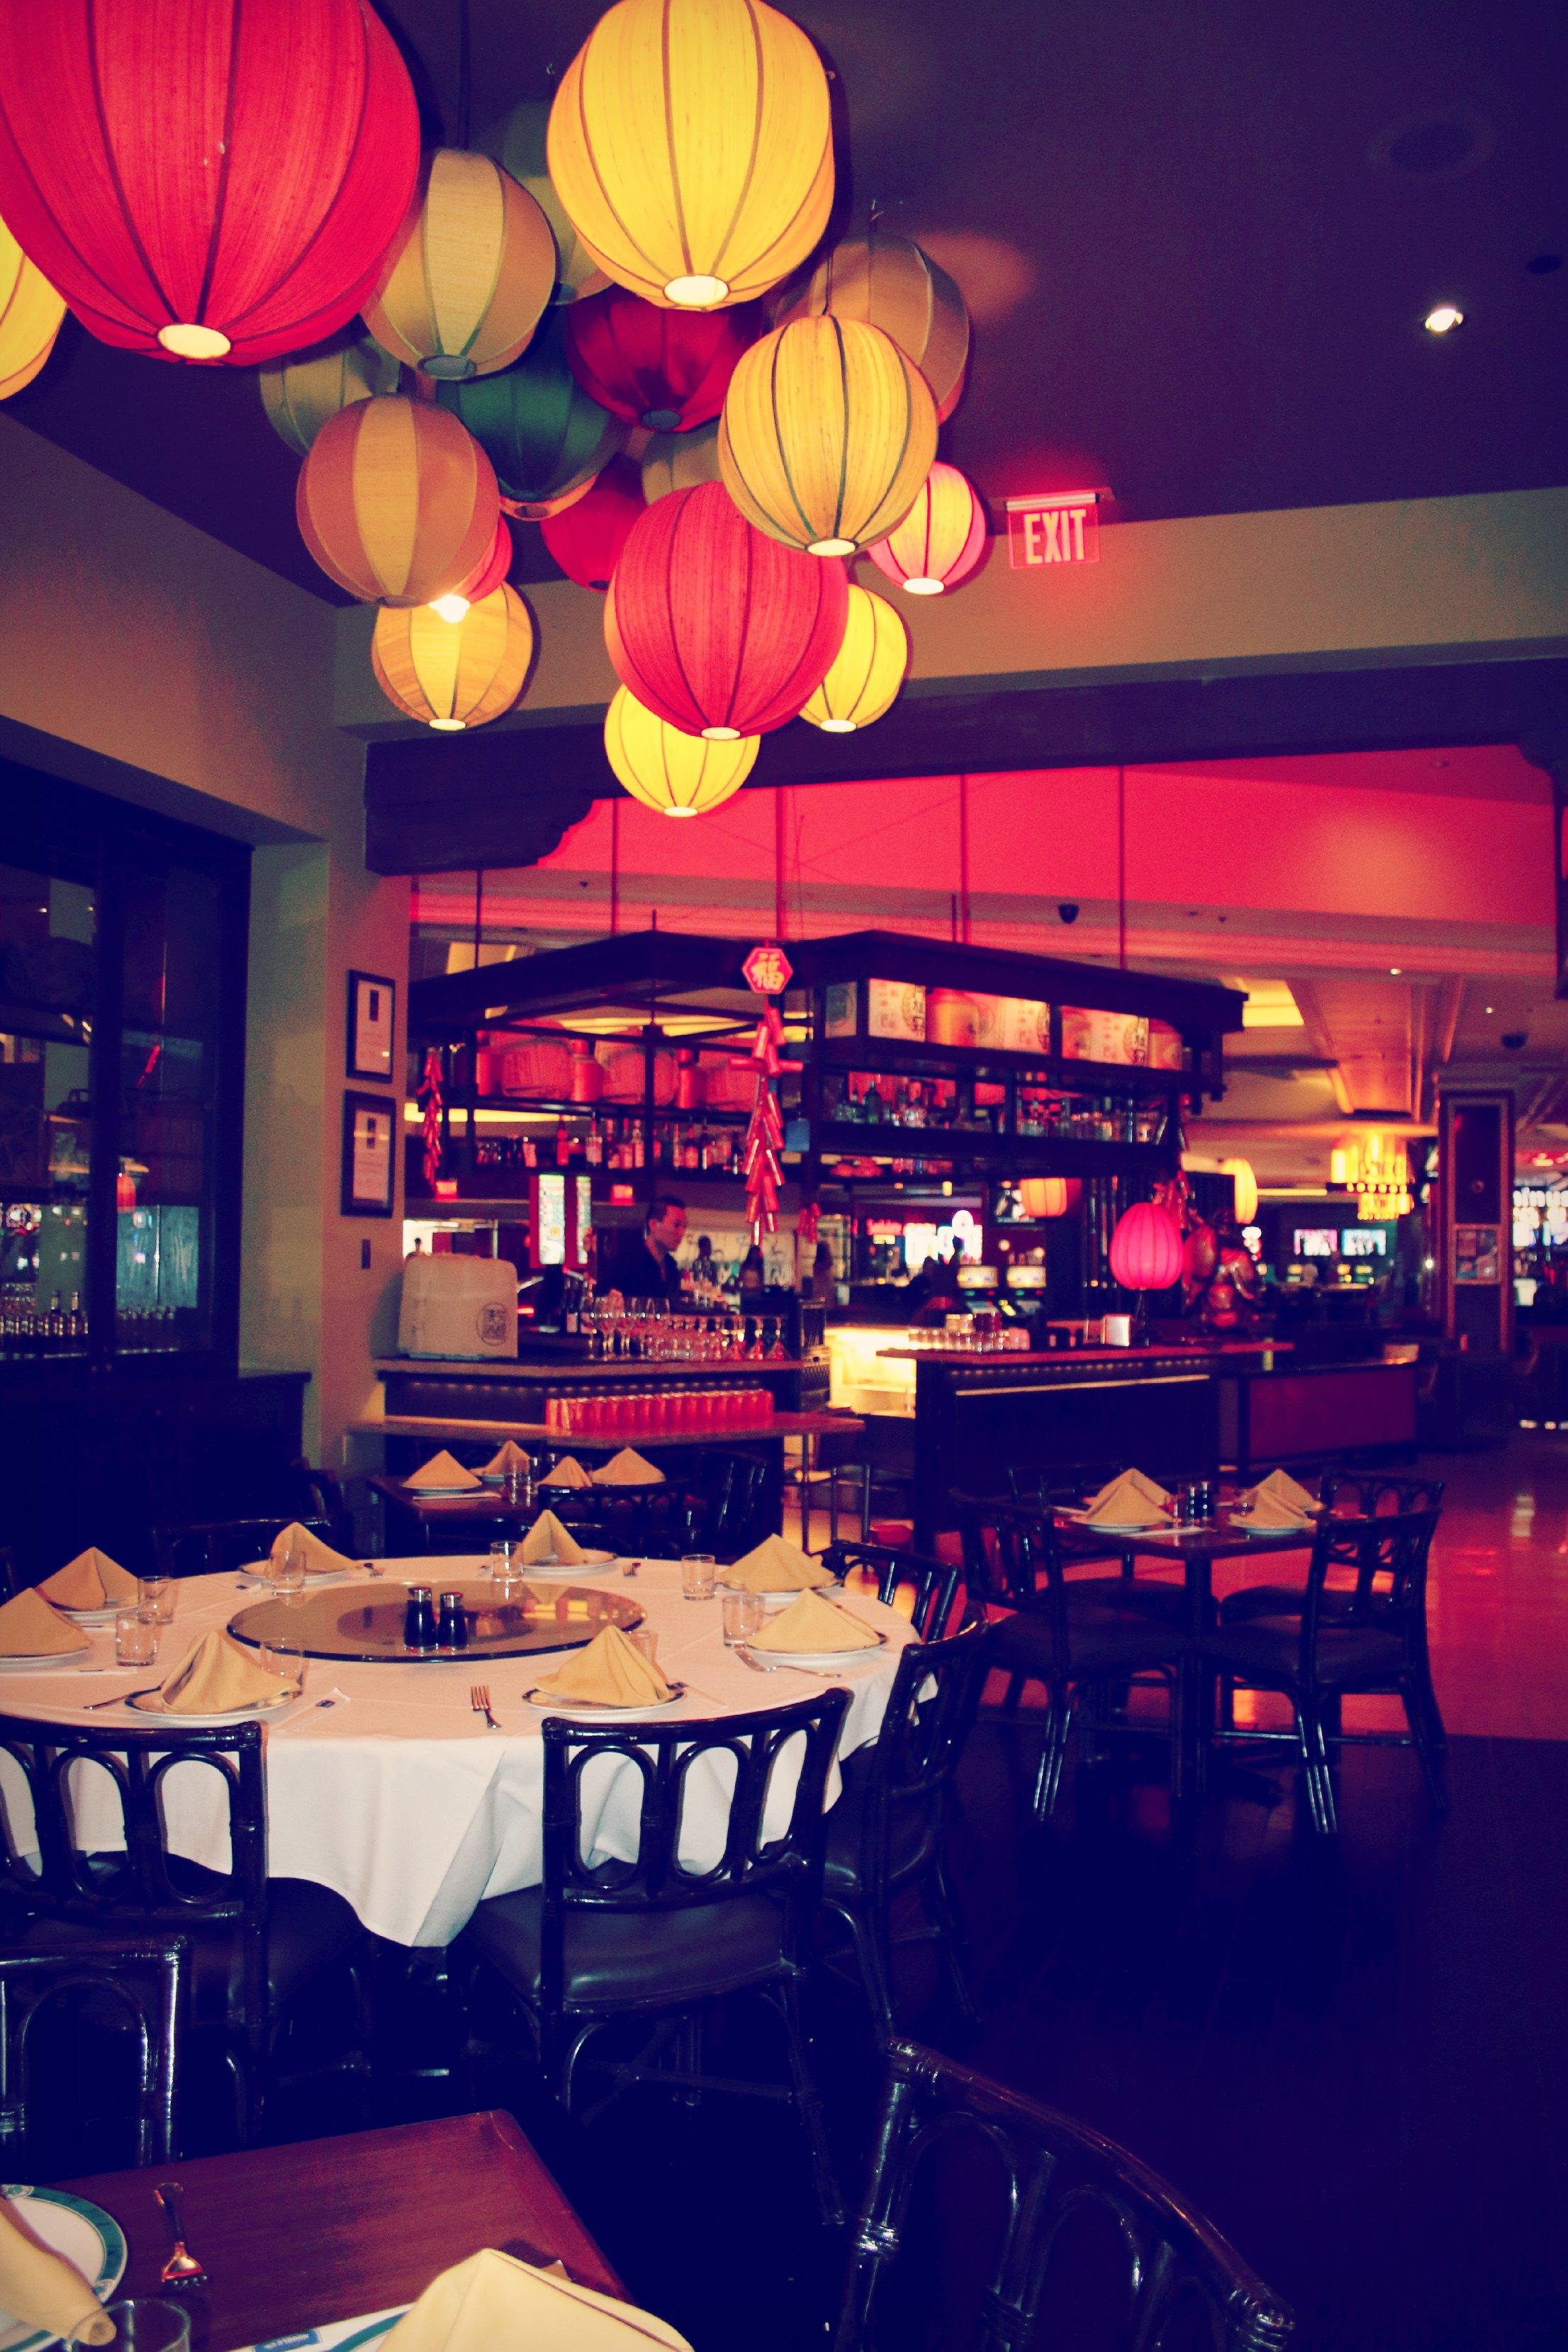 las vegas Chinese food